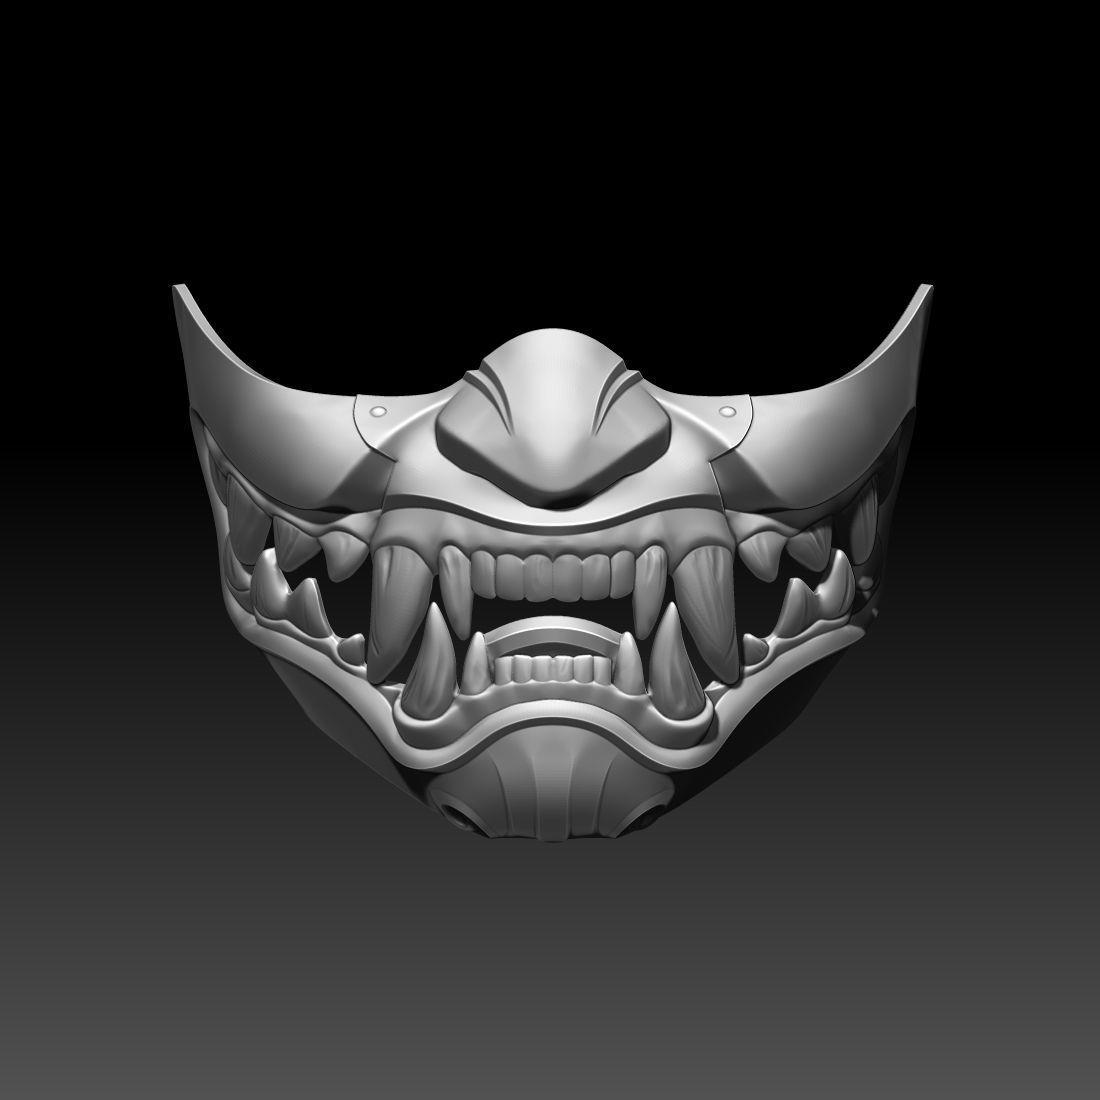 Kitana mask for cosplay Mortal Kombat 3D printable model 2